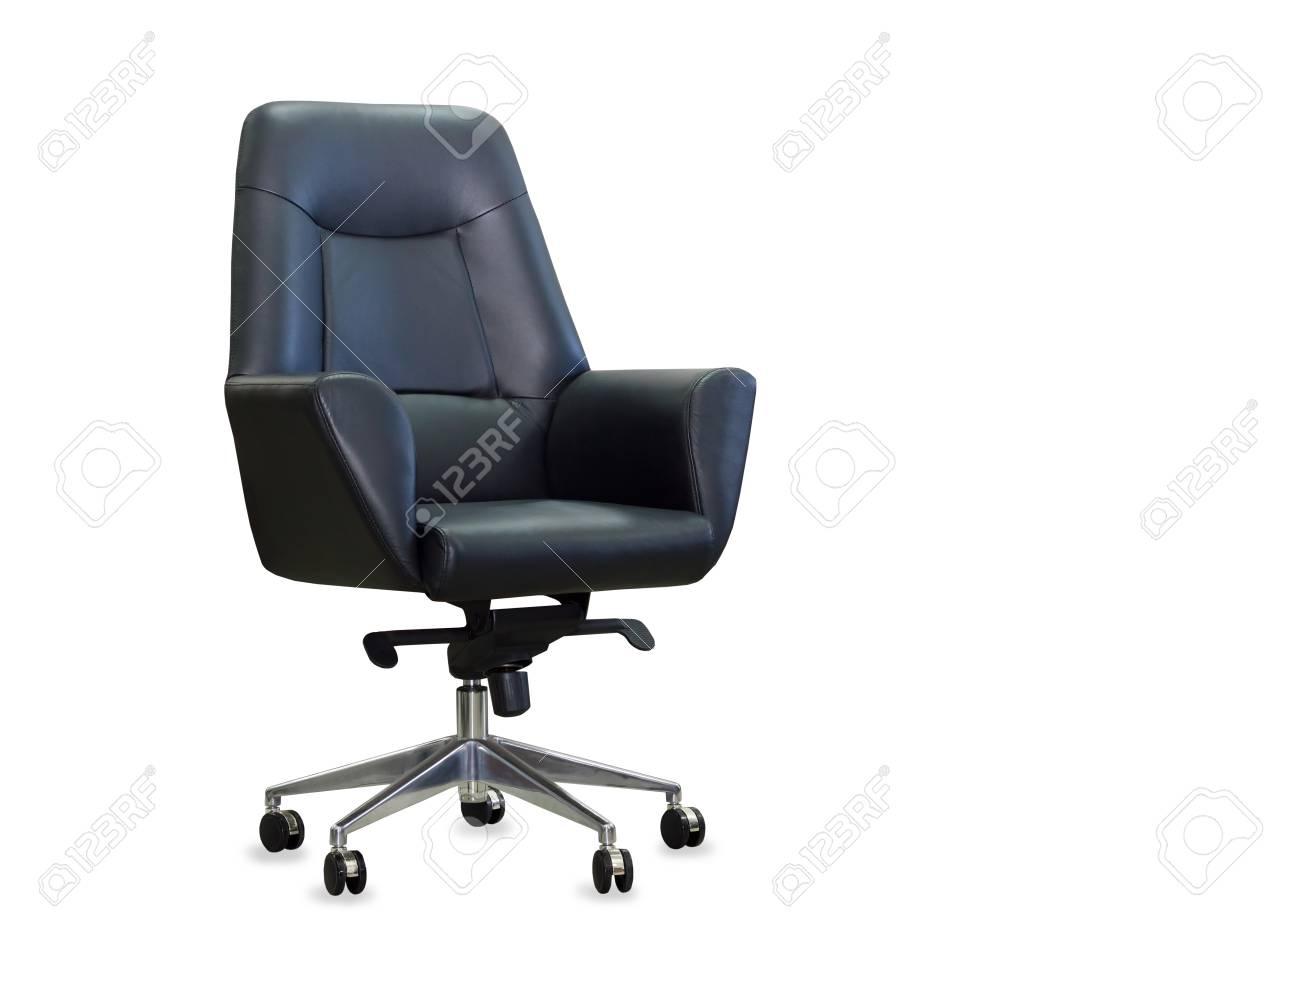 Sedie Da Ufficio In Pelle : Moderna sedia da ufficio in pelle nera isolato foto royalty free